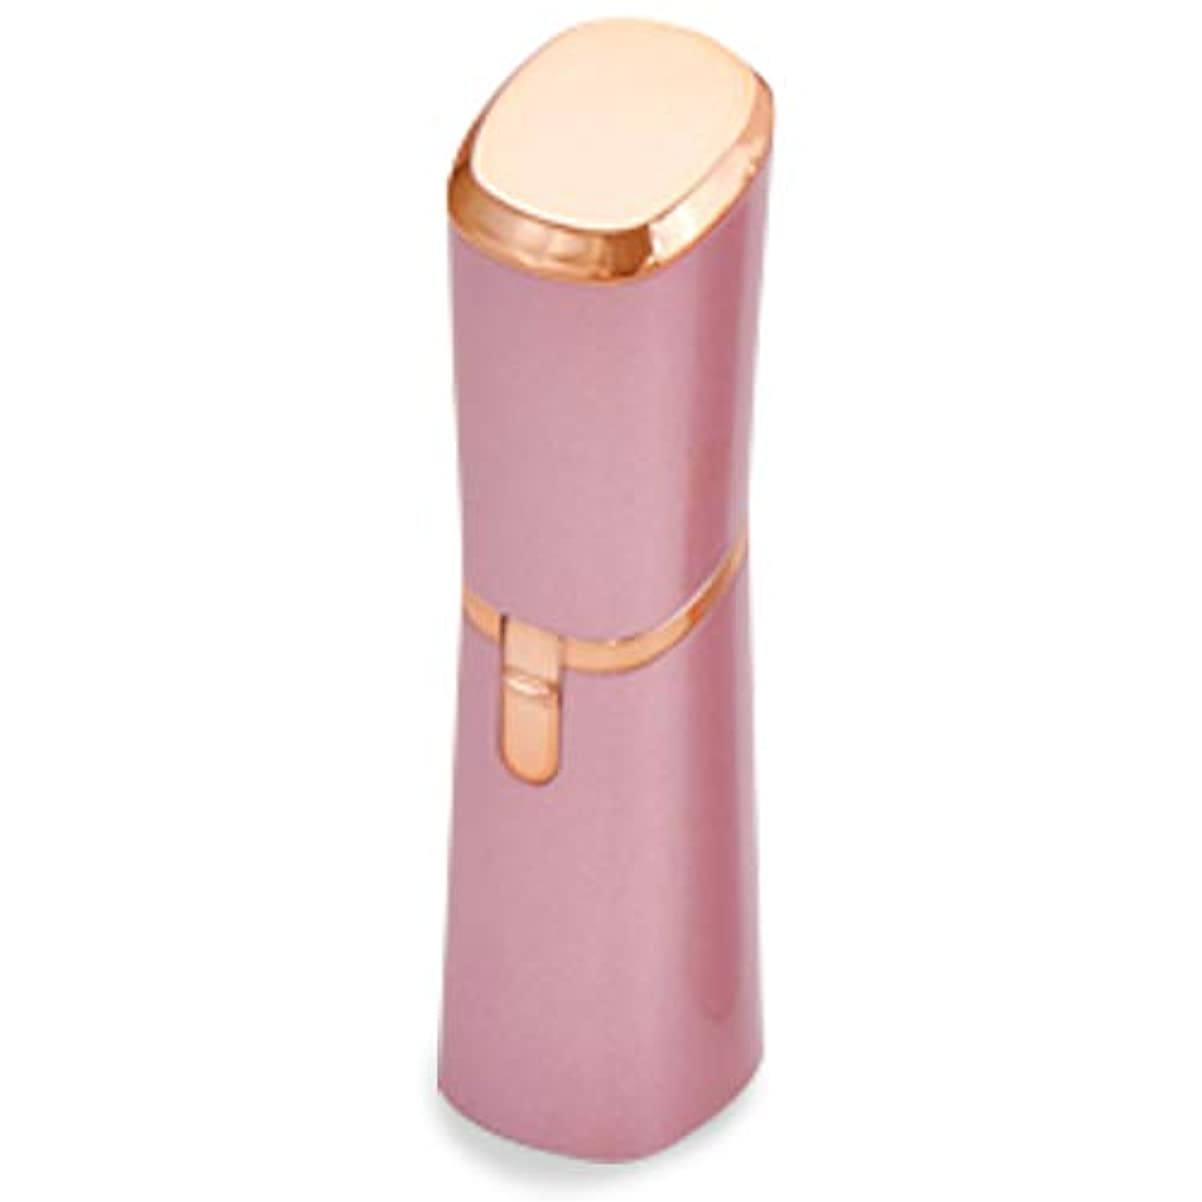 想定経験者ペダルリップスティック型シェーバー Sorouge(ソルージュ) ピンク